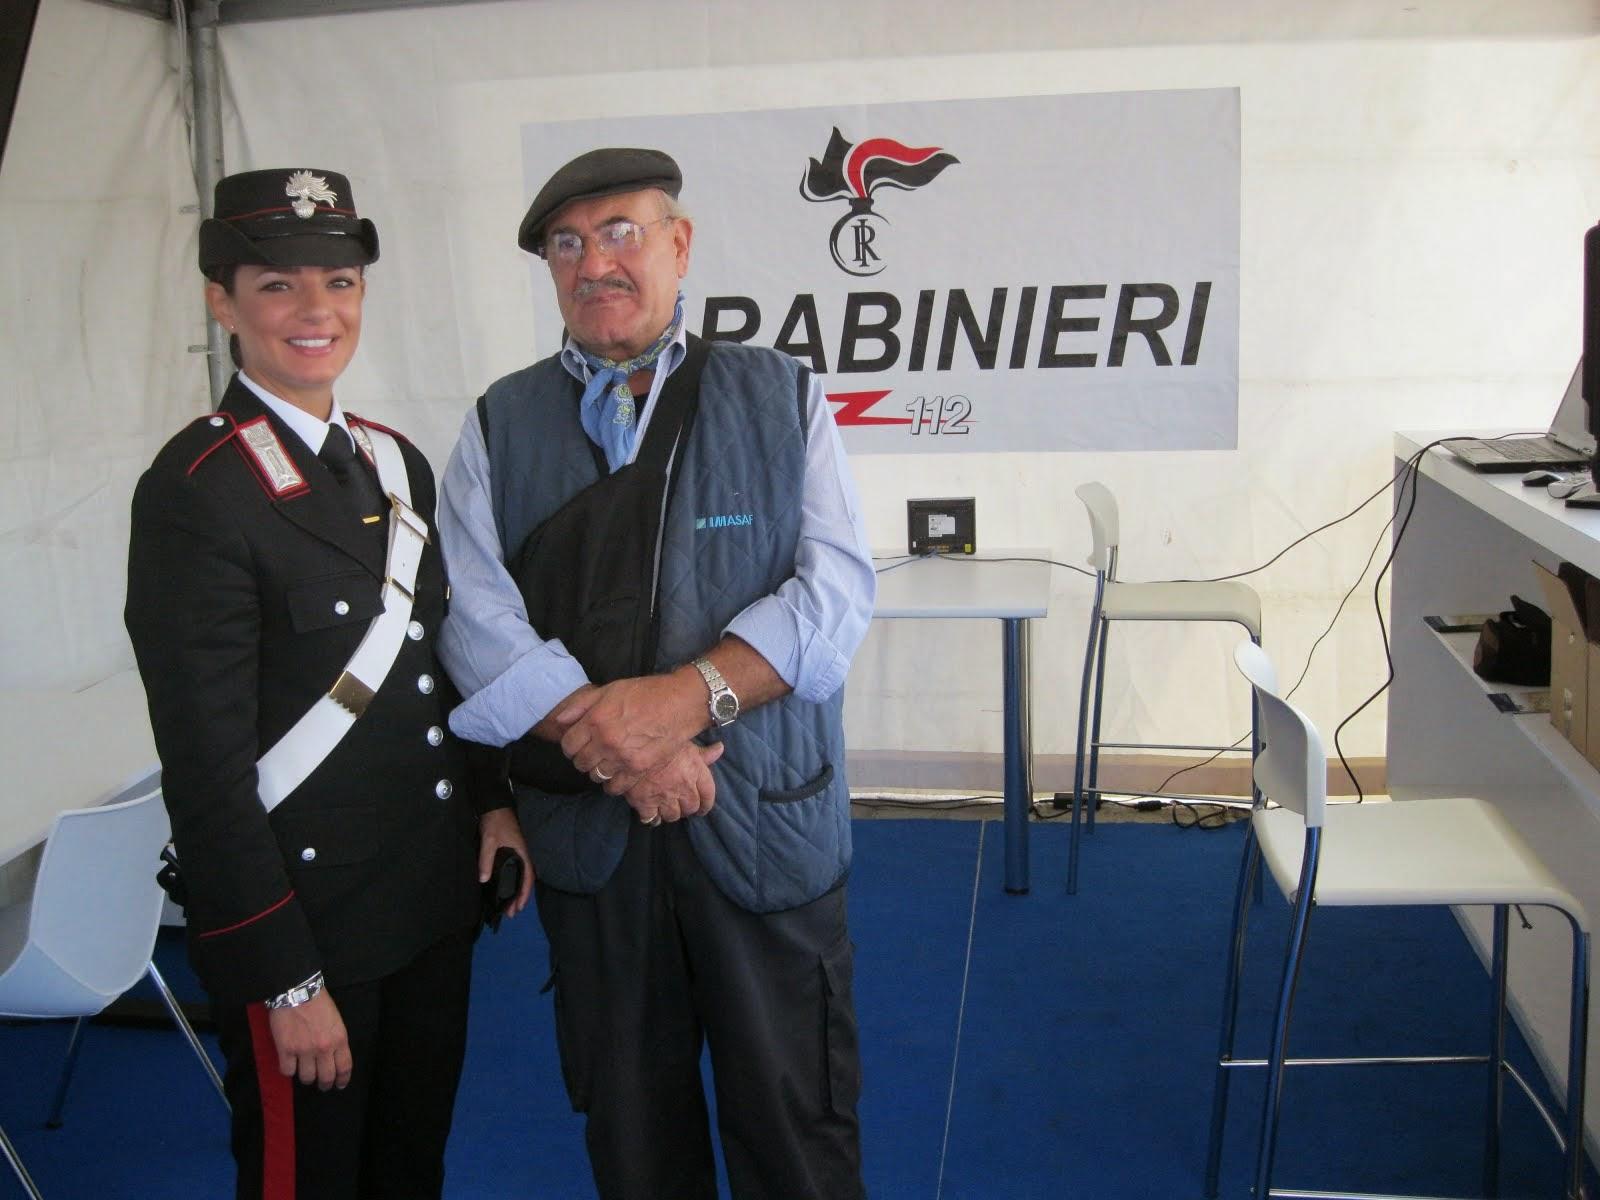 Foto ricordo. Fiera Campionaria di Bari